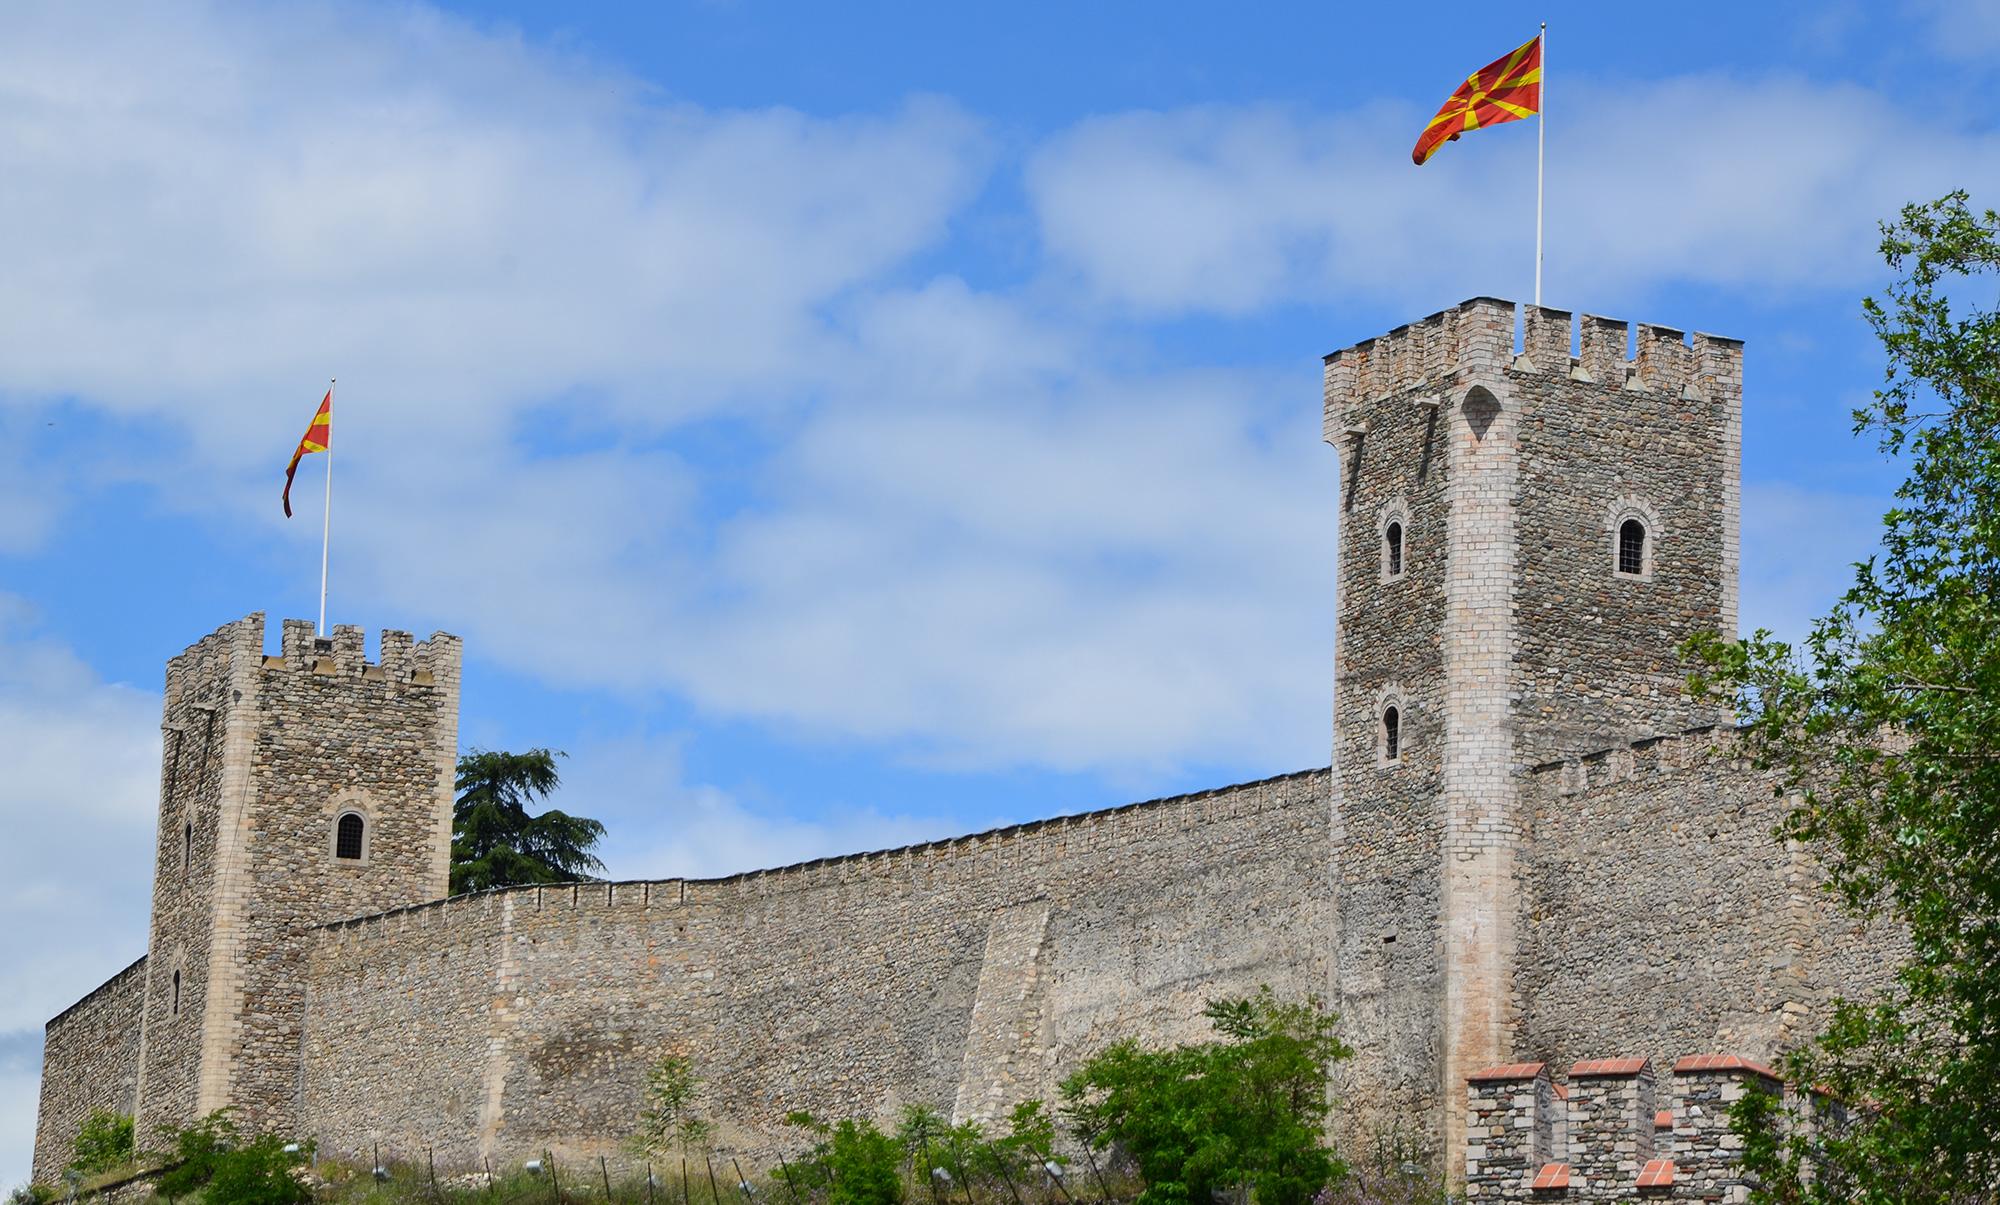 Visit Skopje kale fortress